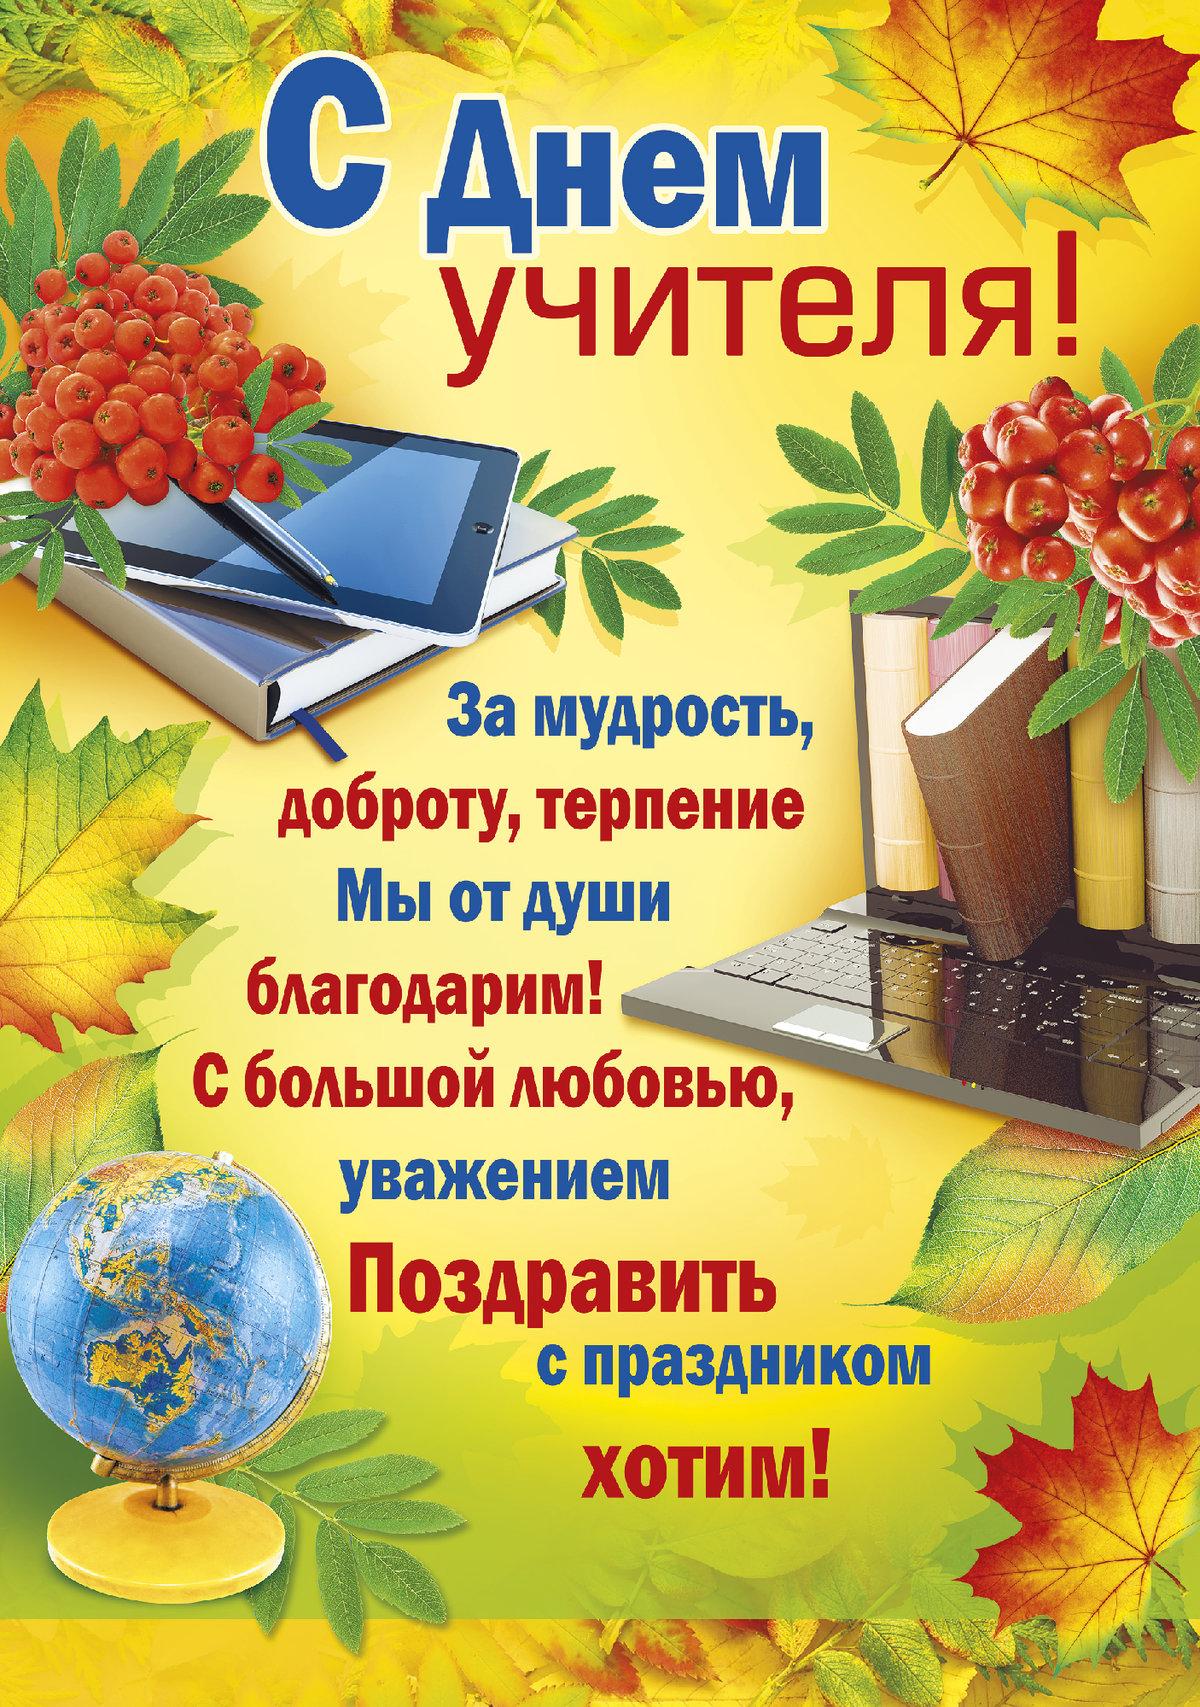 Открытка с поздравлением в день учителя, бодибилдеру открытки